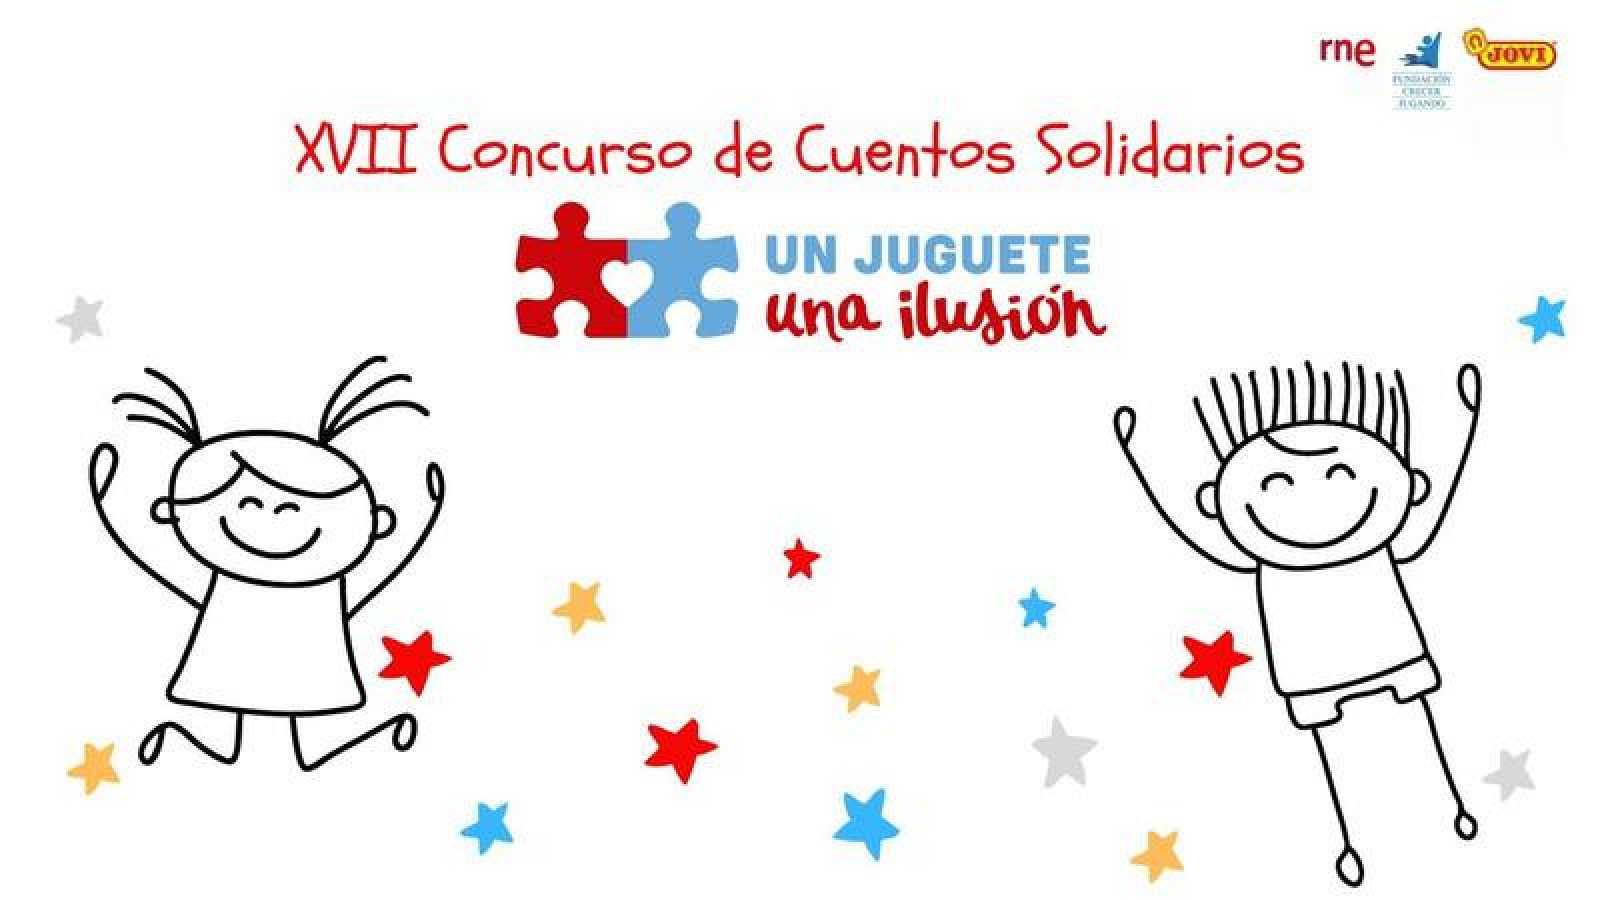 XVII Concurso de Cuentos Solidarios 'Un juguete, una ilusión'.